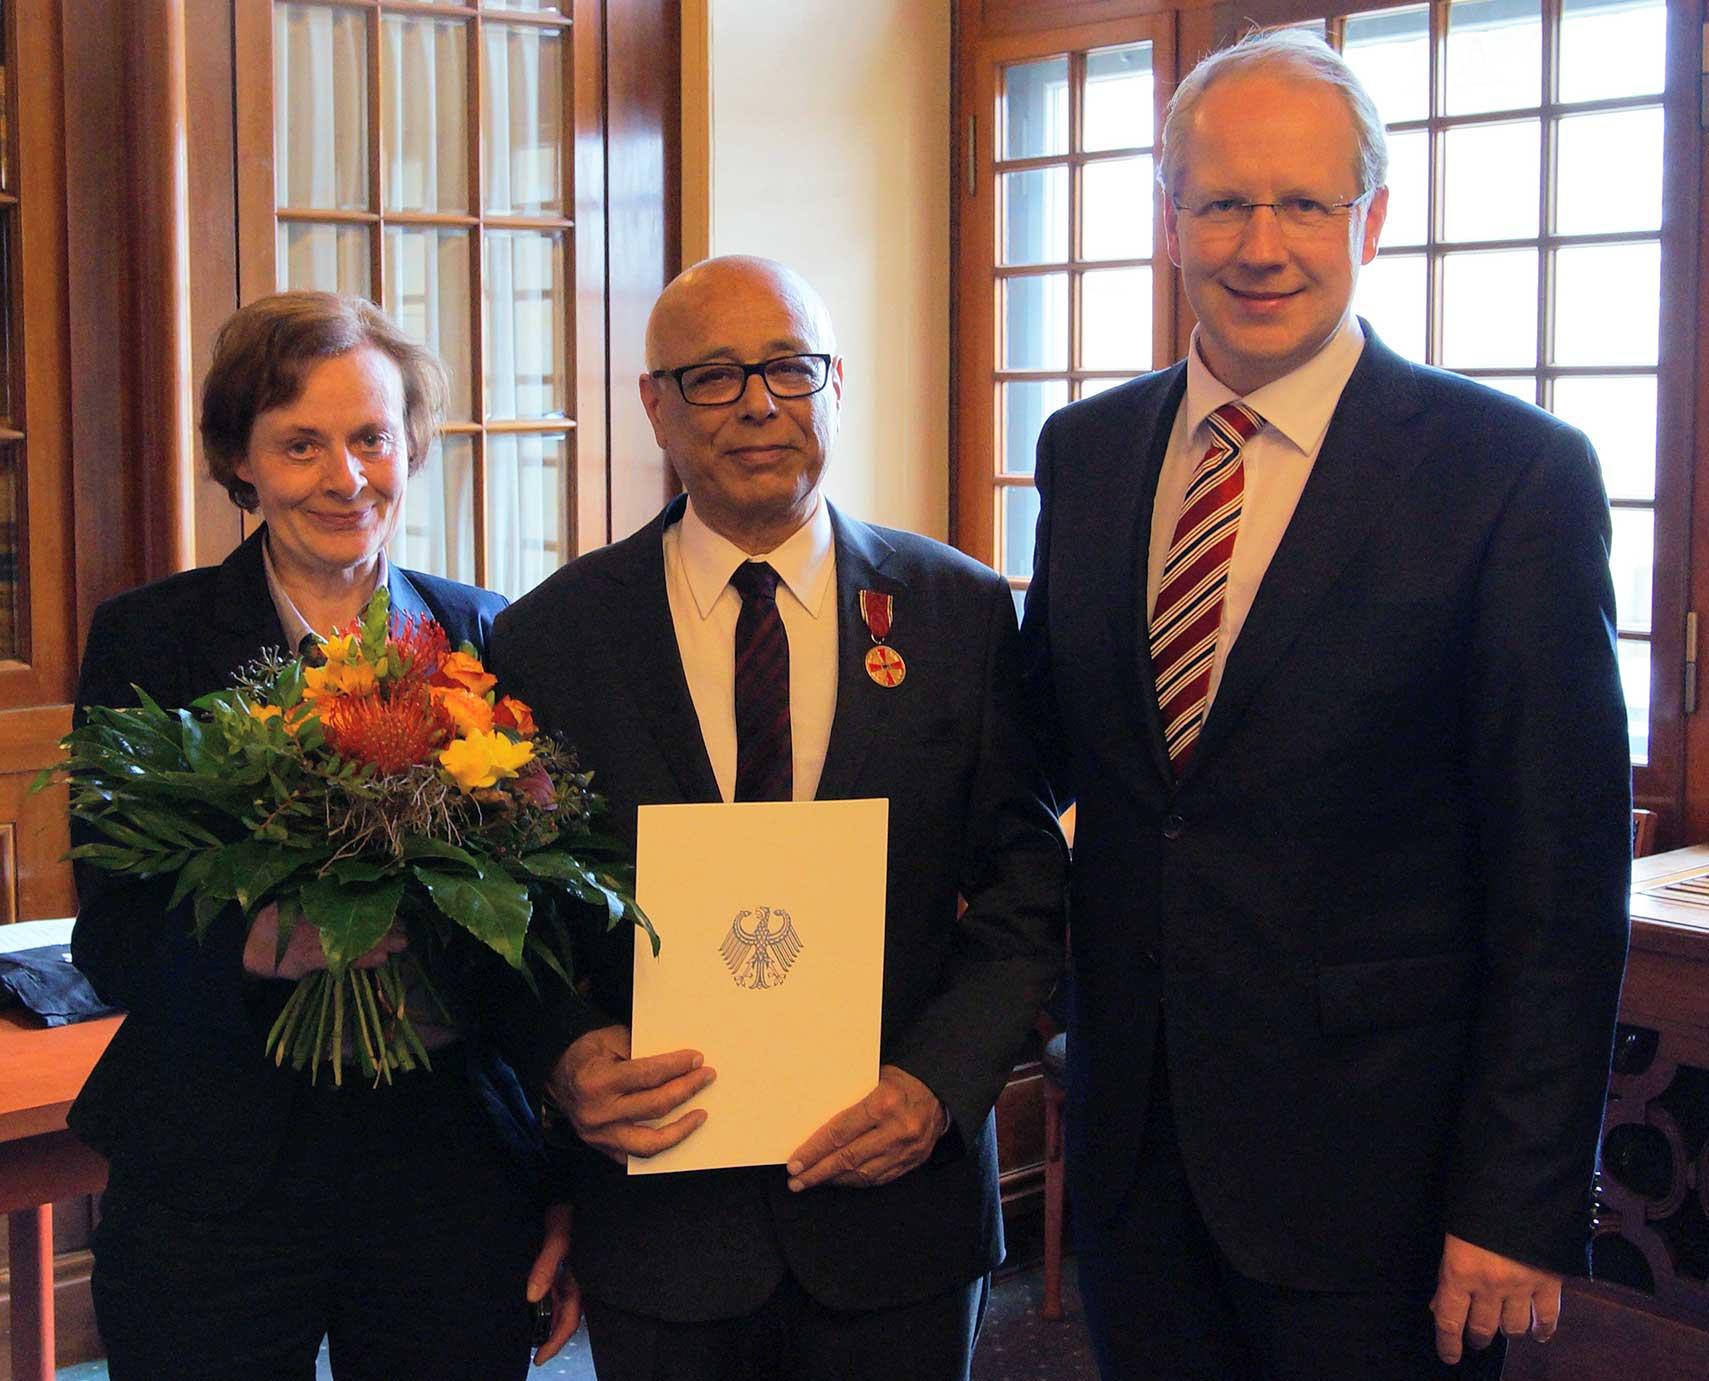 Ali Faridi mit seiner Frau Ursula und Oberbürgermeister Stefan Schostok